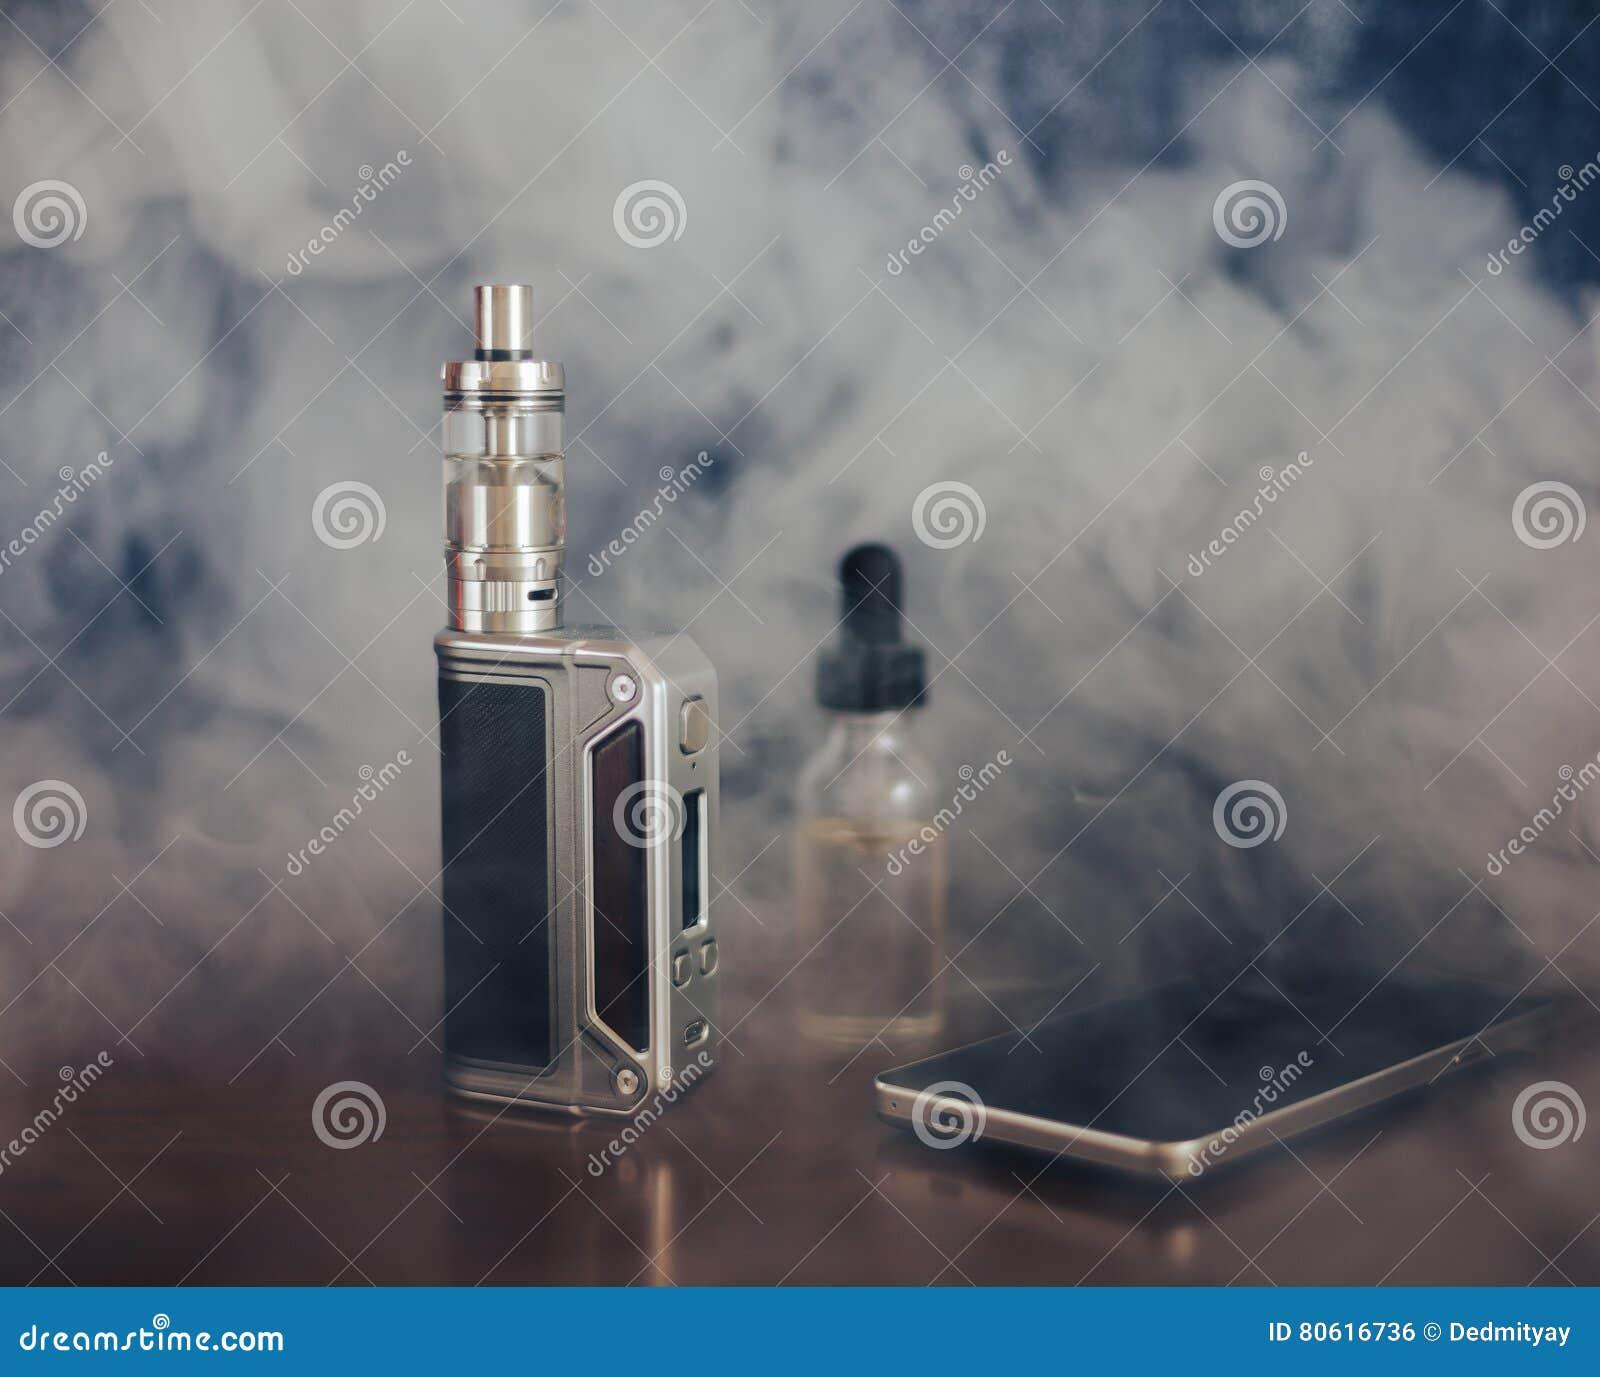 Vape przyrząda, papieros dla vaping, ciecz w butelce i telefon komórkowy,